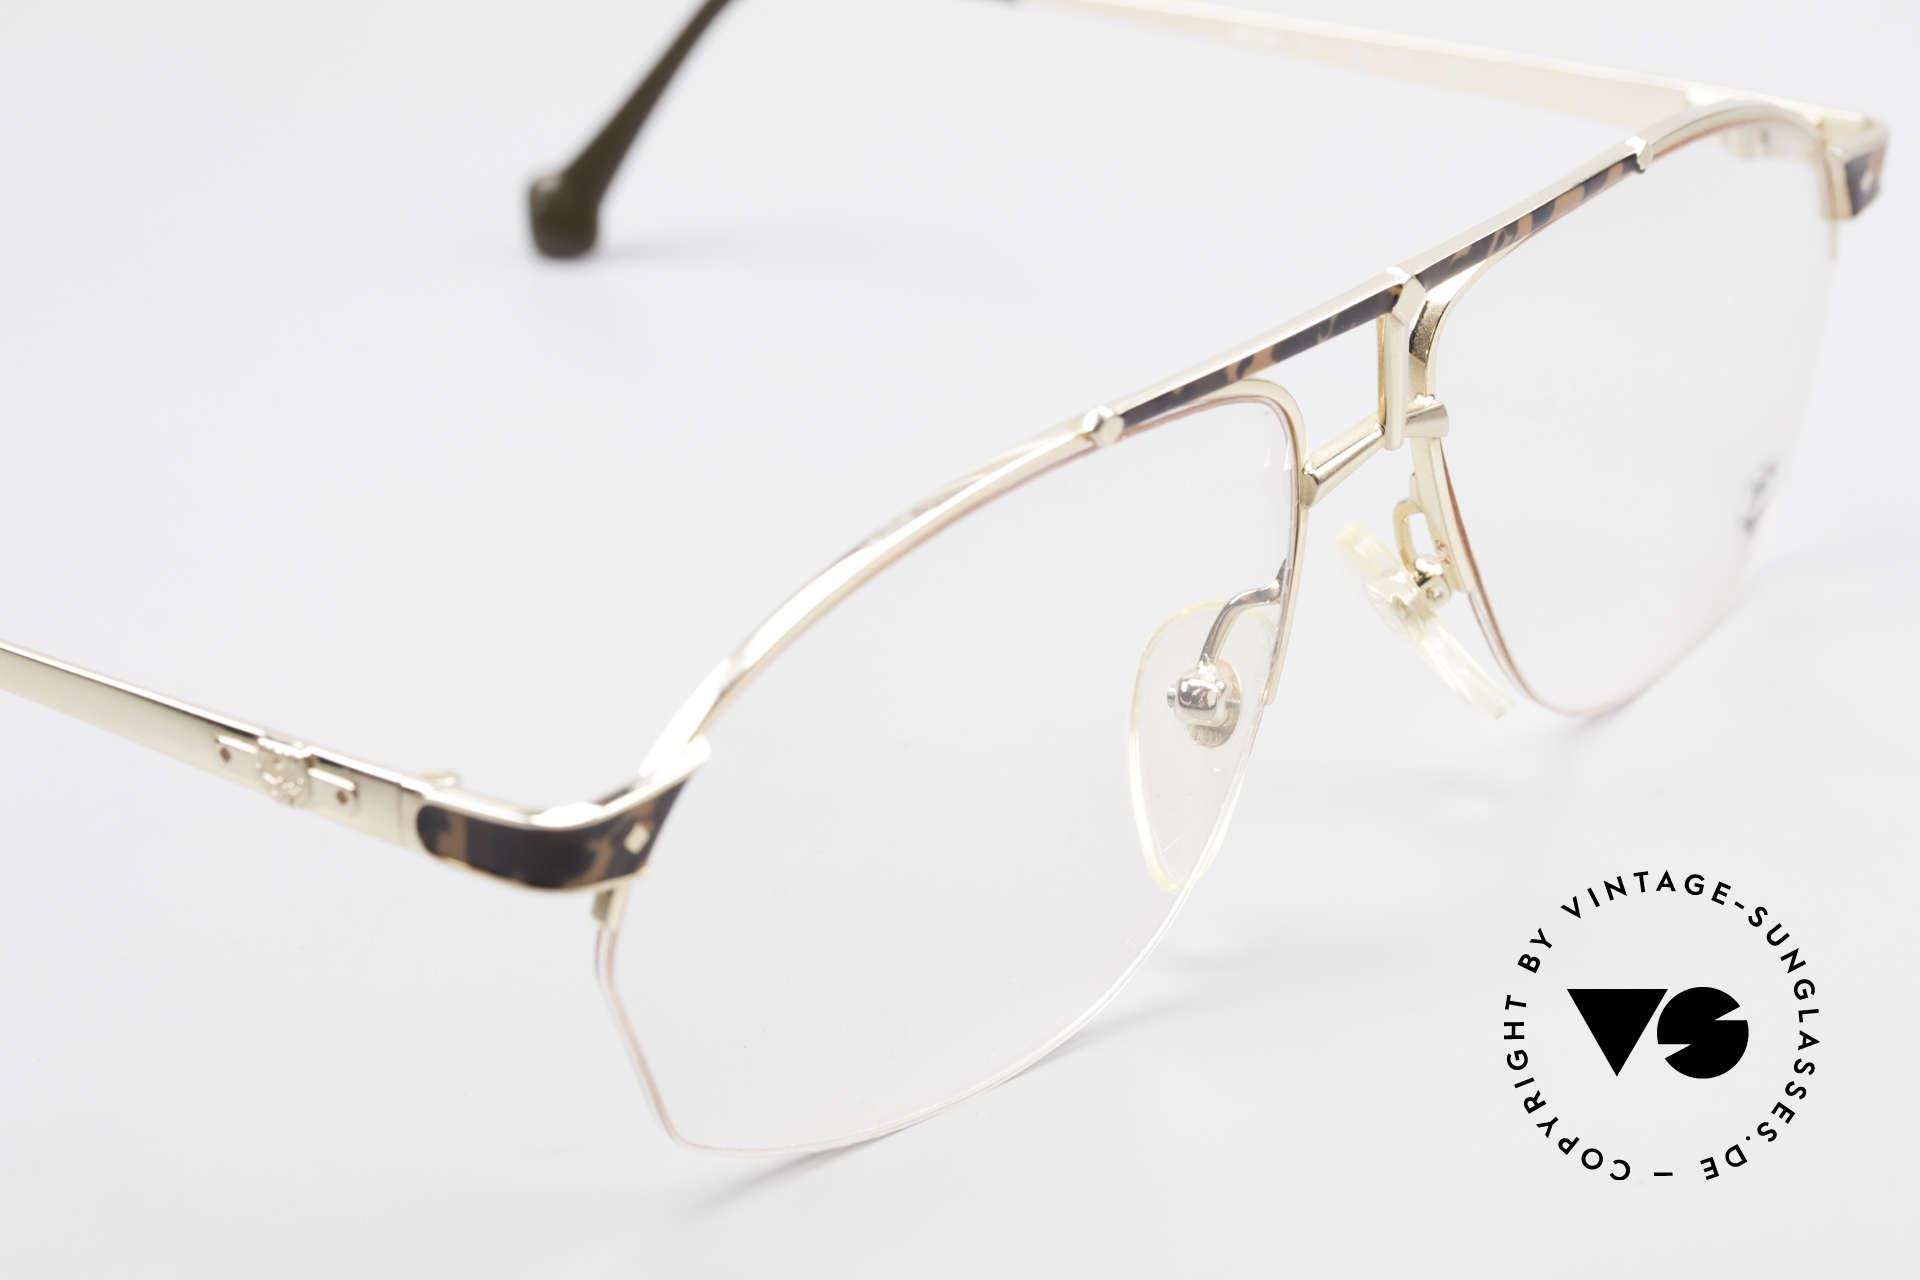 MCM München 10 Vergoldete Brille Wurzelholz, ungetragen (wie alle unsere alten MCM-Originale), Passend für Herren